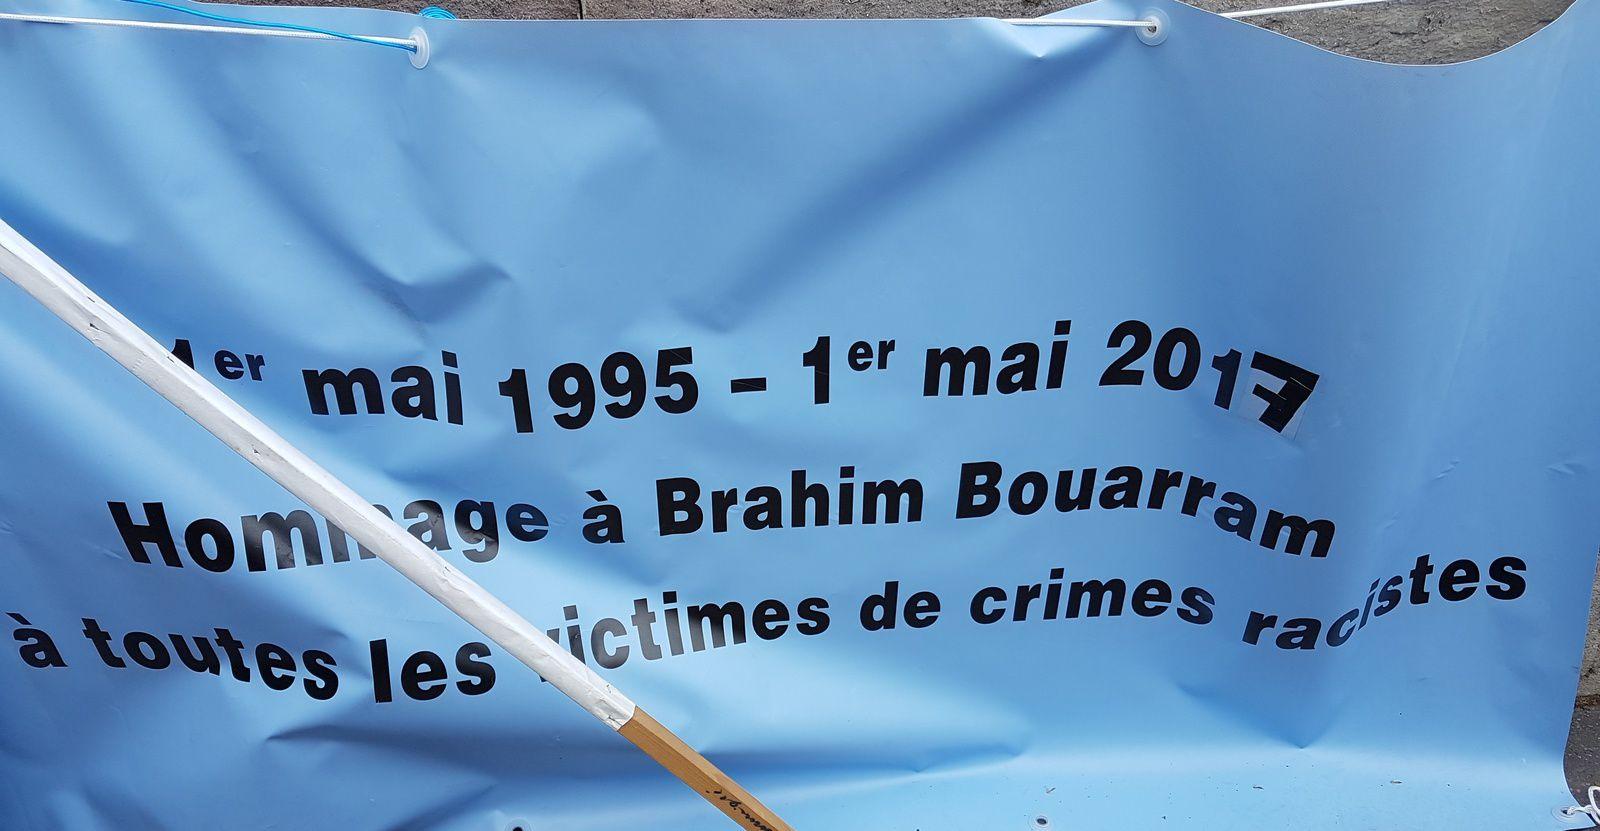 «Un 1er mai 2017 hautement symbolique : Les digues sont tombées ; il faut sonner le tocsin et défendre la République», par M. Amadou Bal BA - http://baamadou.over-blog.fr/